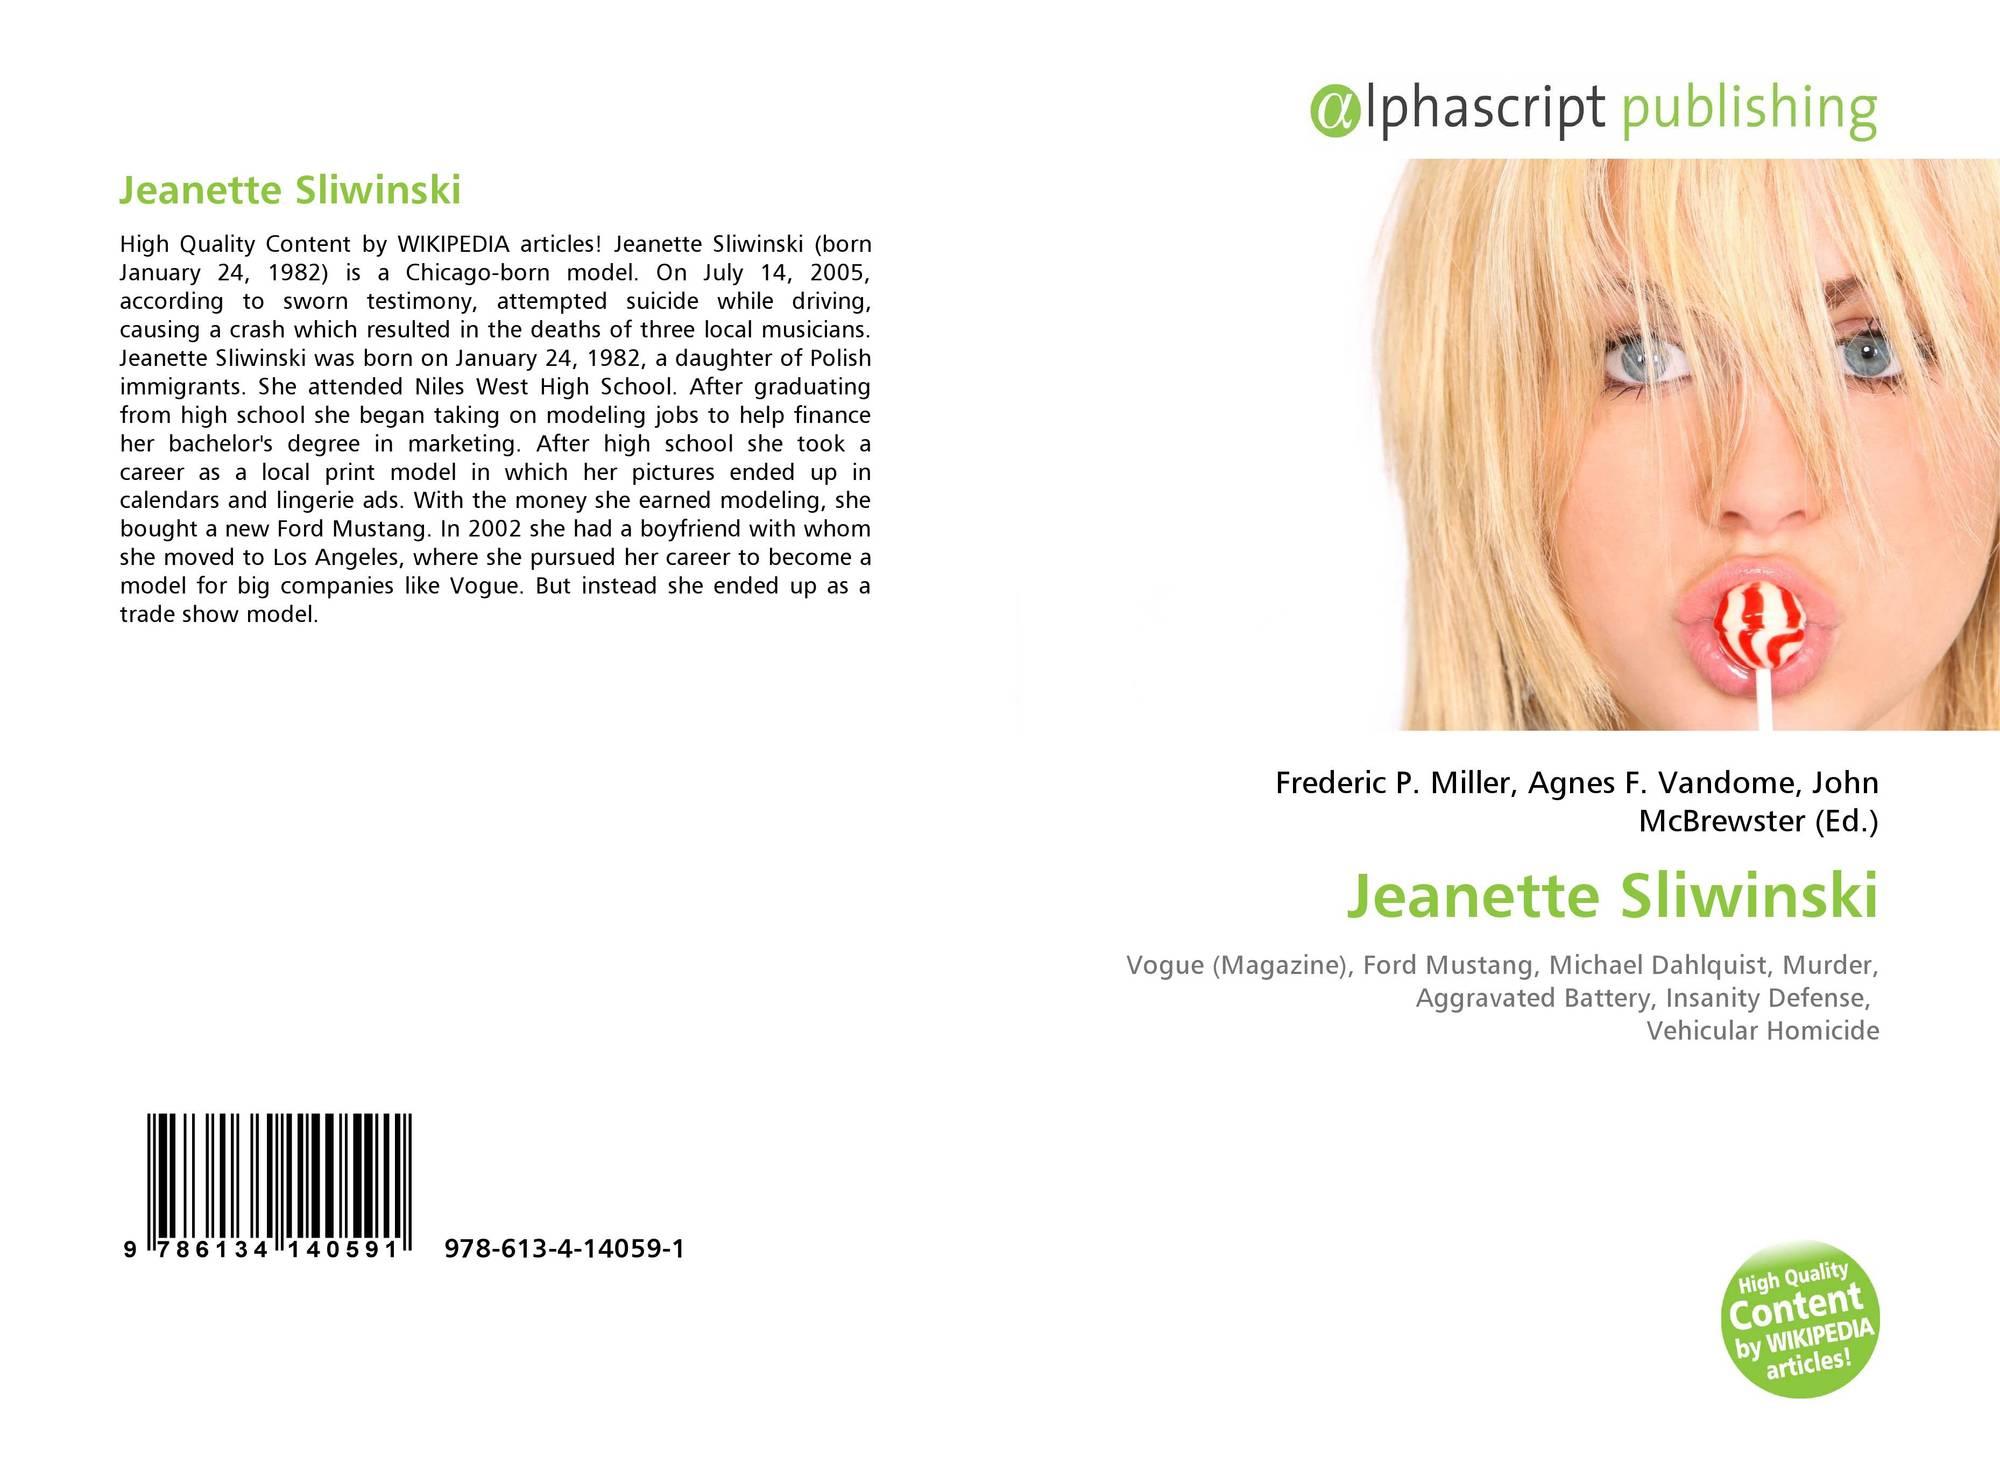 Jeanette Sliwinski